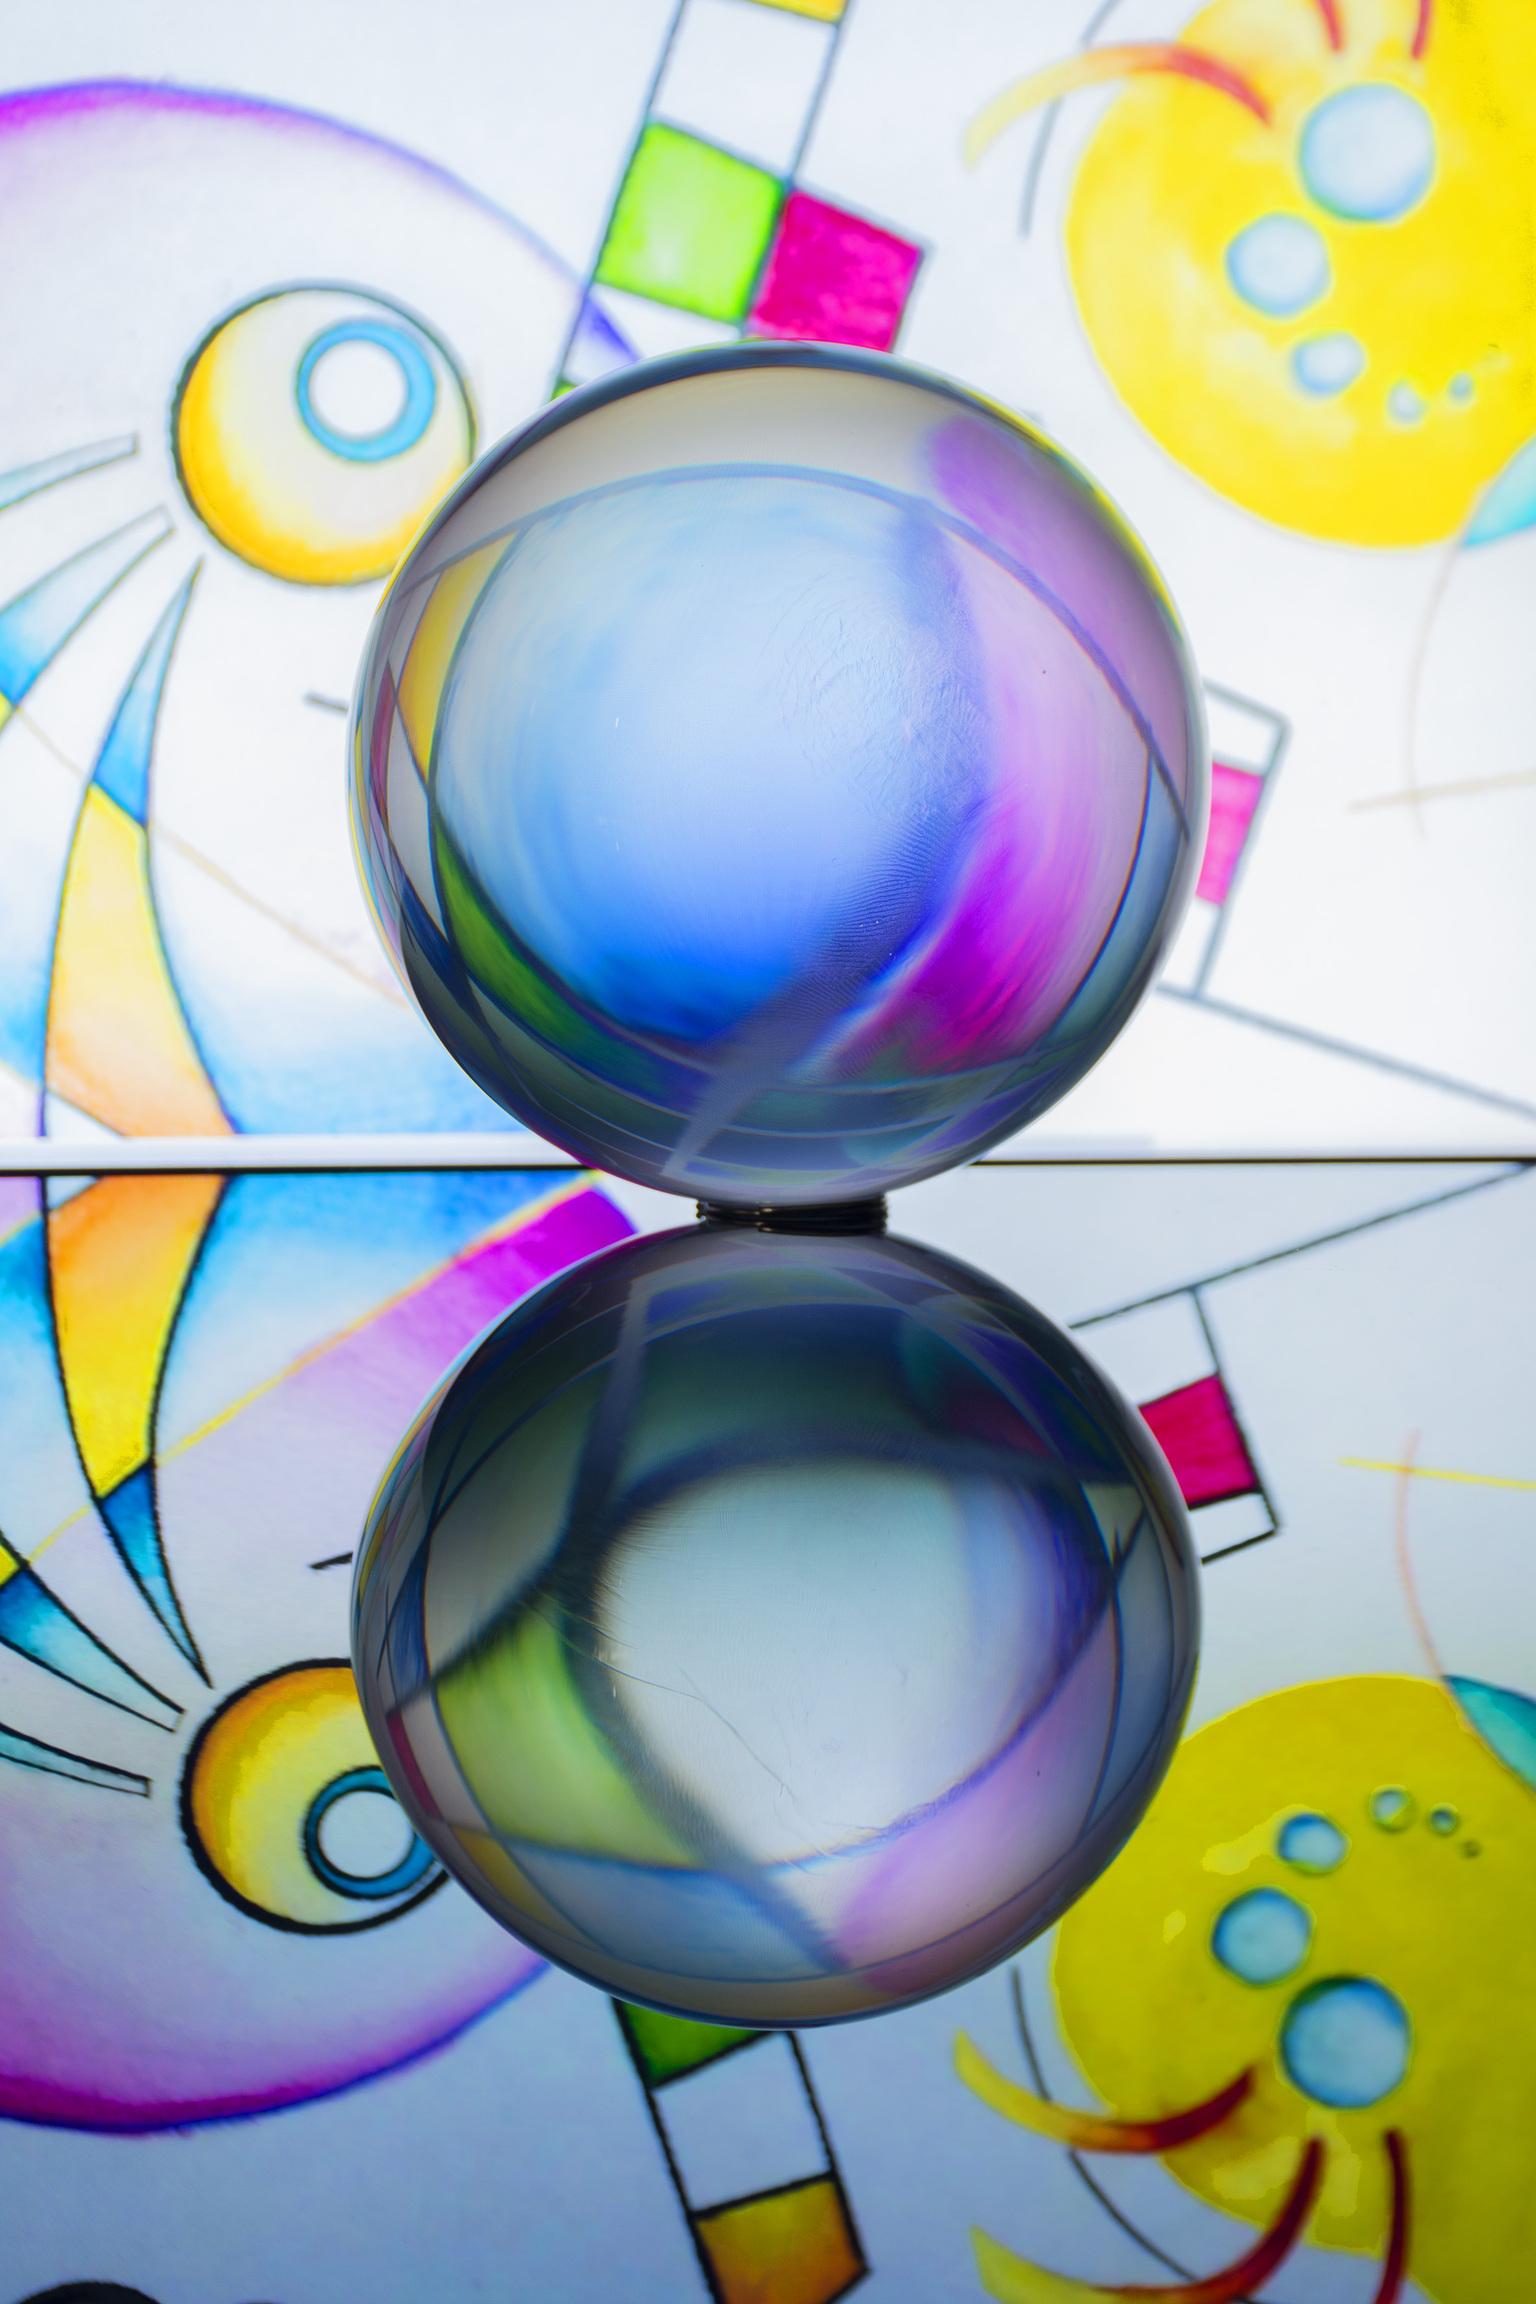 lensbal art - deze foto is met een lensbal gemaakt, de achtergrond is mijn laptop - foto door jeanet1971 op 10-04-2021 - locatie: 3155 Maasland, Nederland - deze foto bevat: licht, kunst, lijn, lettertype, cirkel, patroon, illustratie, elektrisch blauw, symmetrie, beeldende kunsten